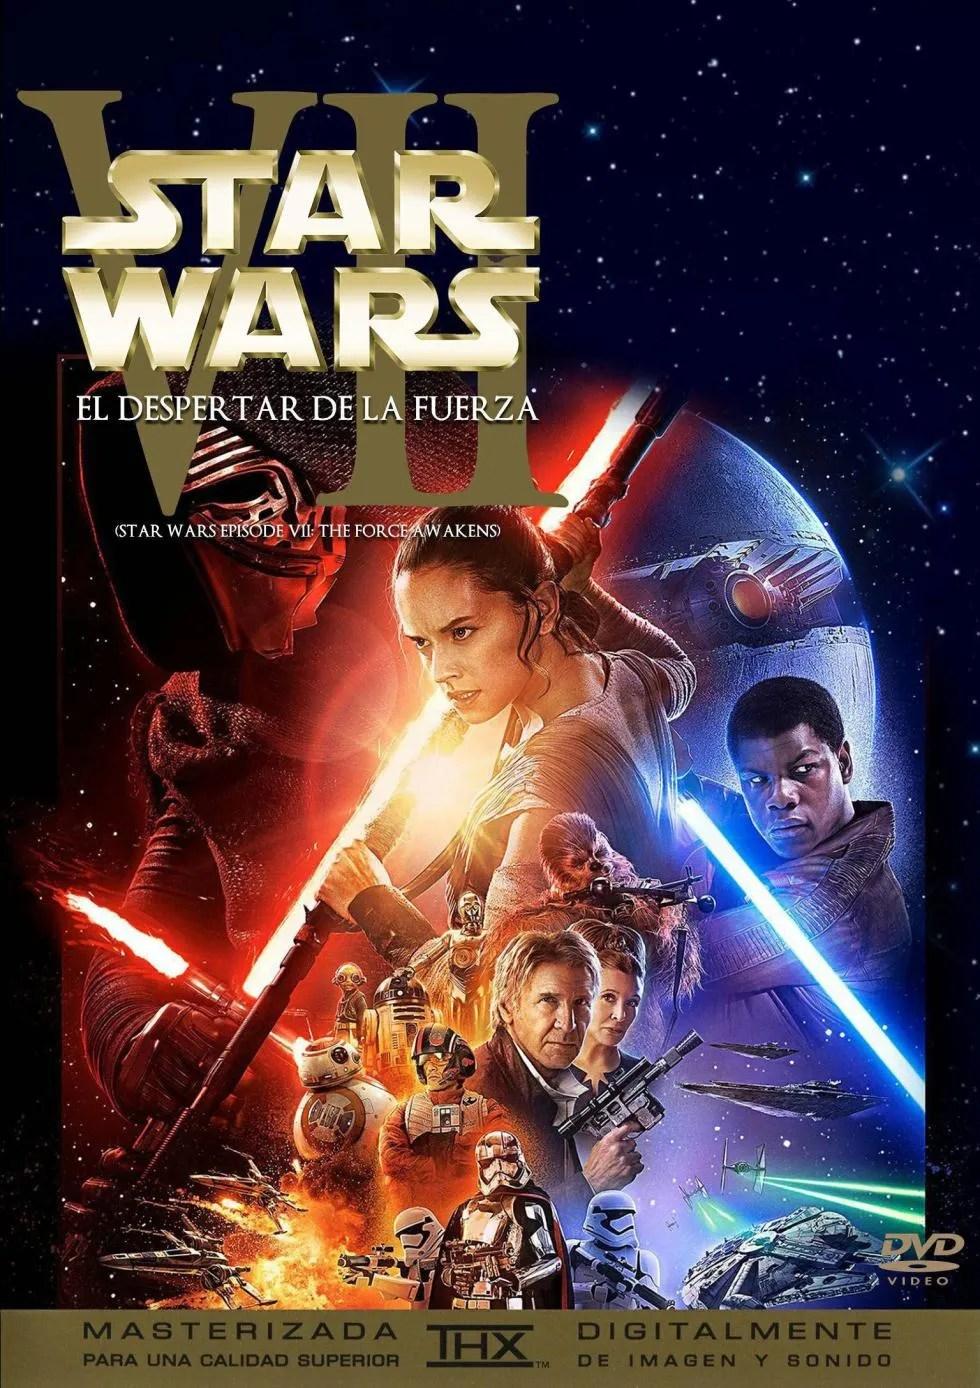 Star Wars Episodio Vii El Despertar De La Fuerza (2015